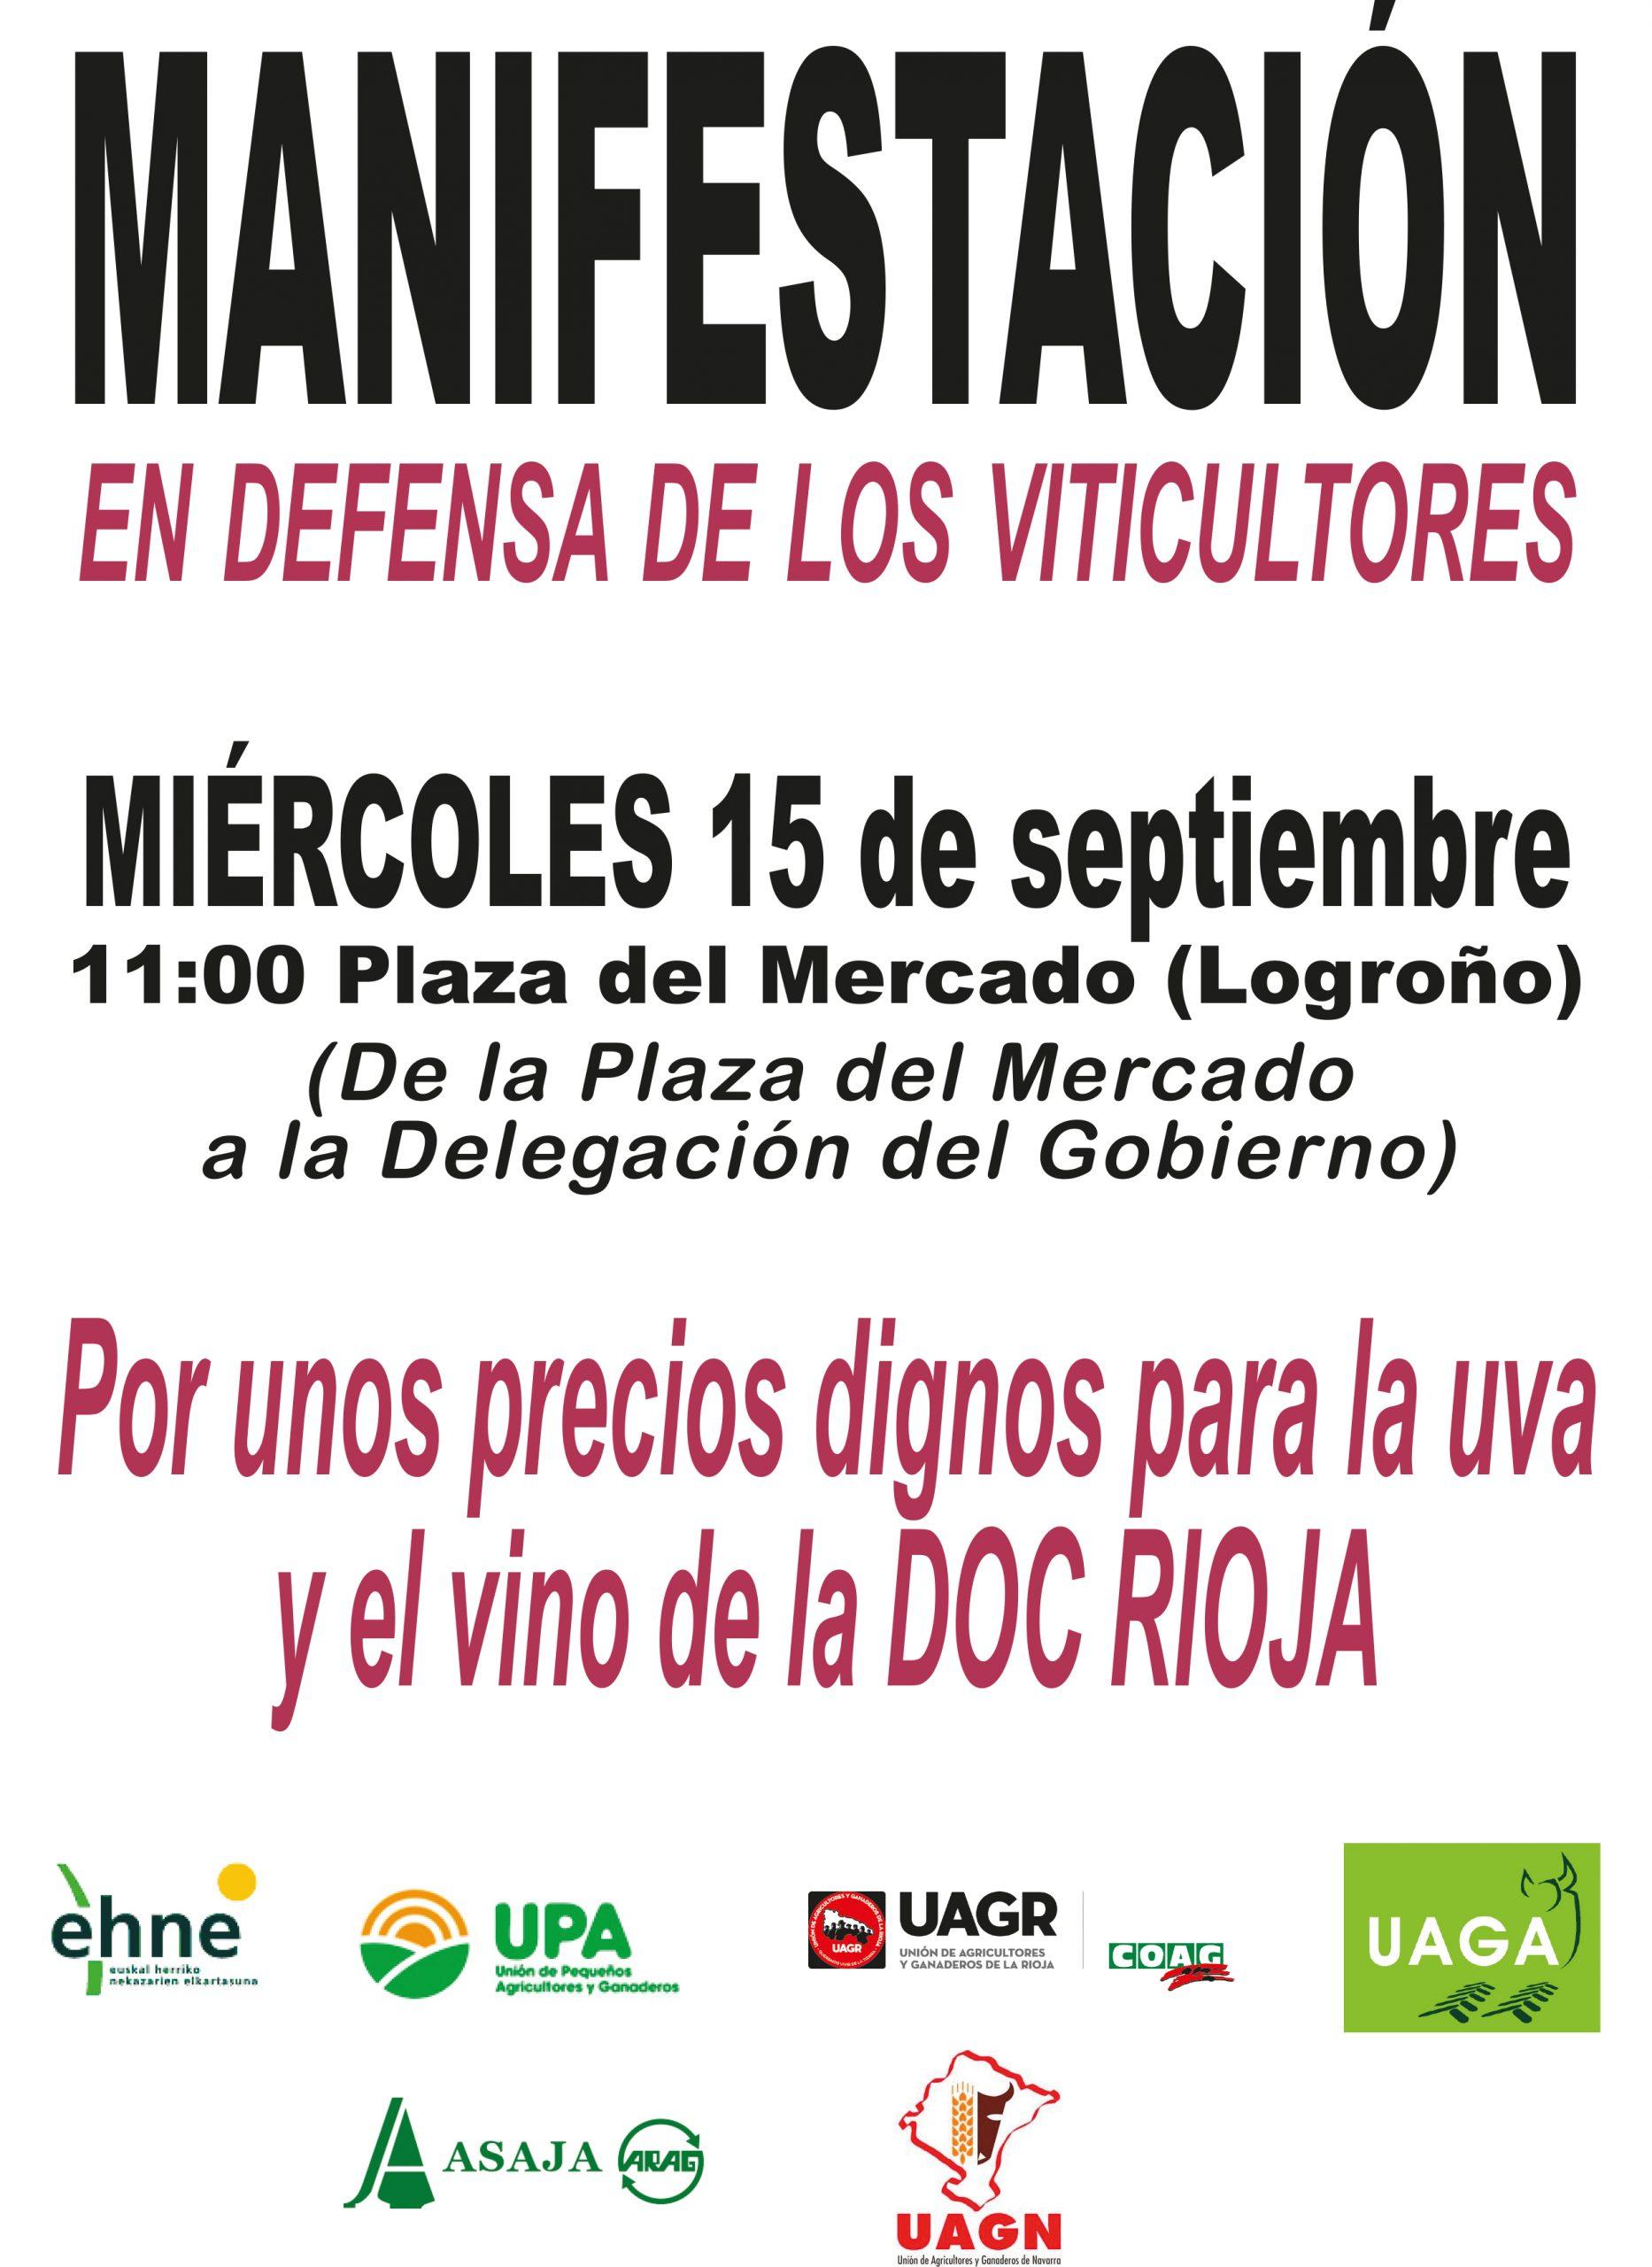 Manifestación en defensa de los viticultores